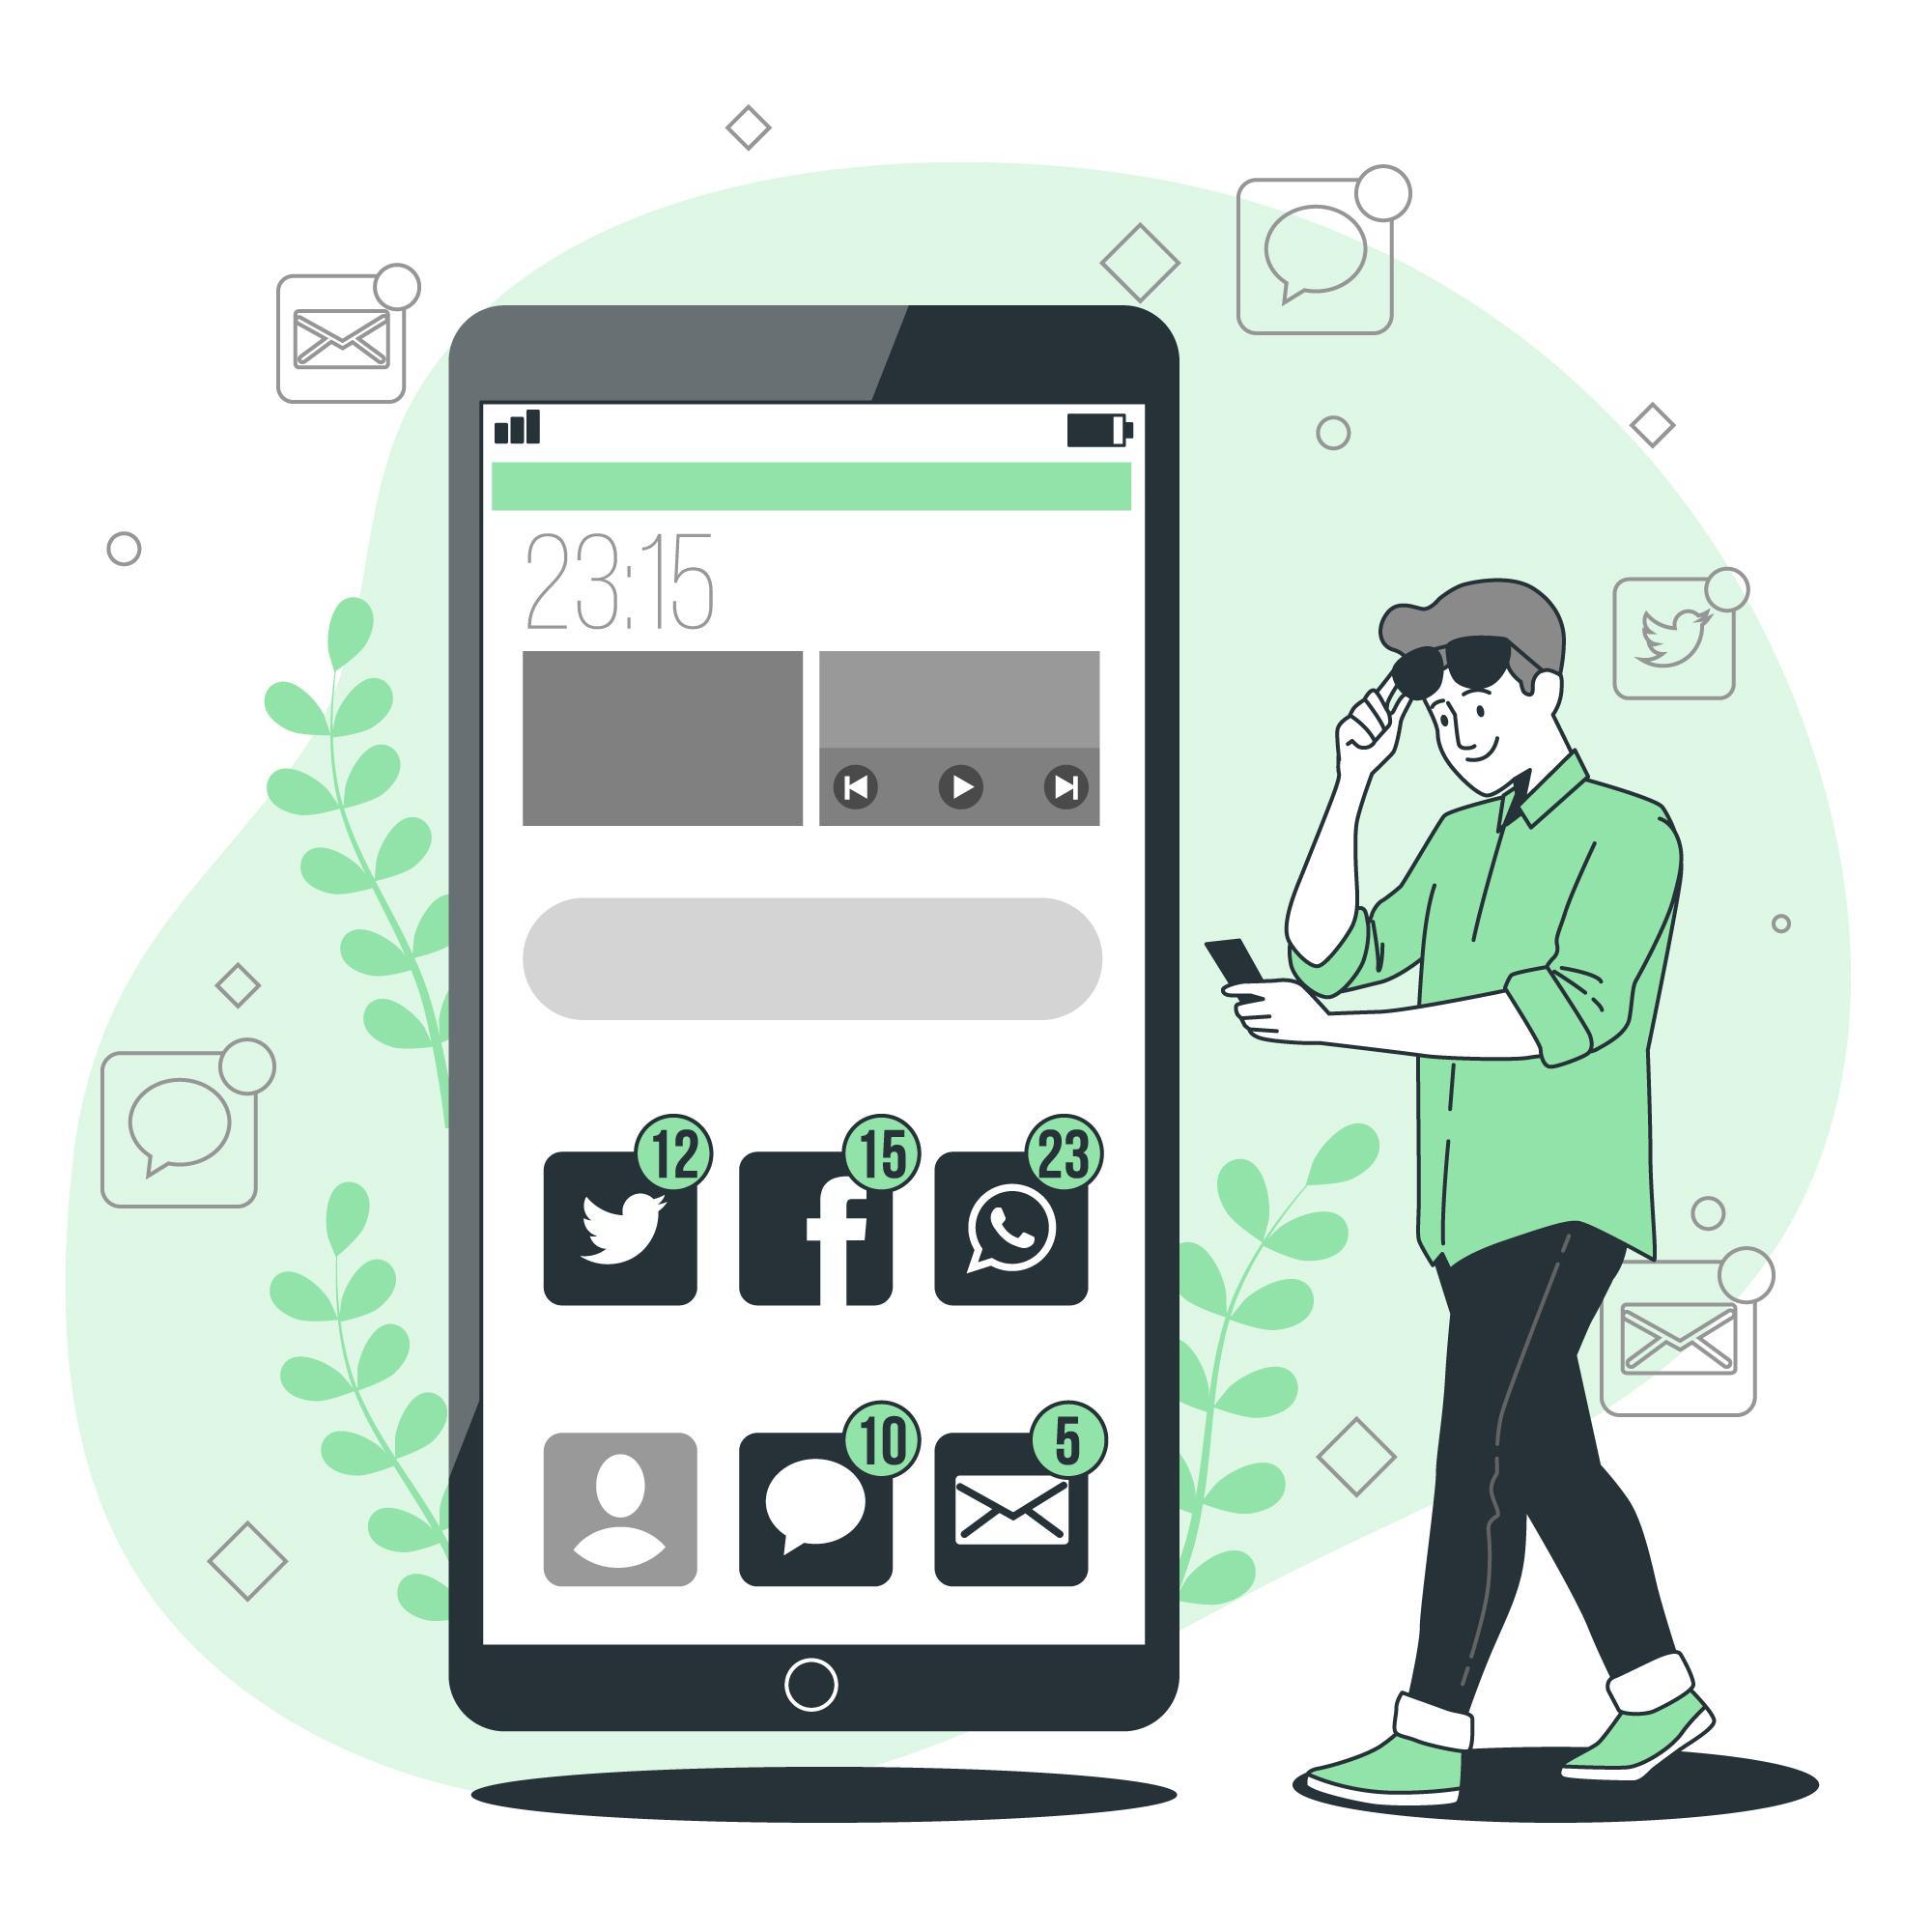 Ψηφιακός Μετασχηματισμός και Νέες Τεχνολογίες Πληροφορικής στο ΕΛΜΕΠΑ